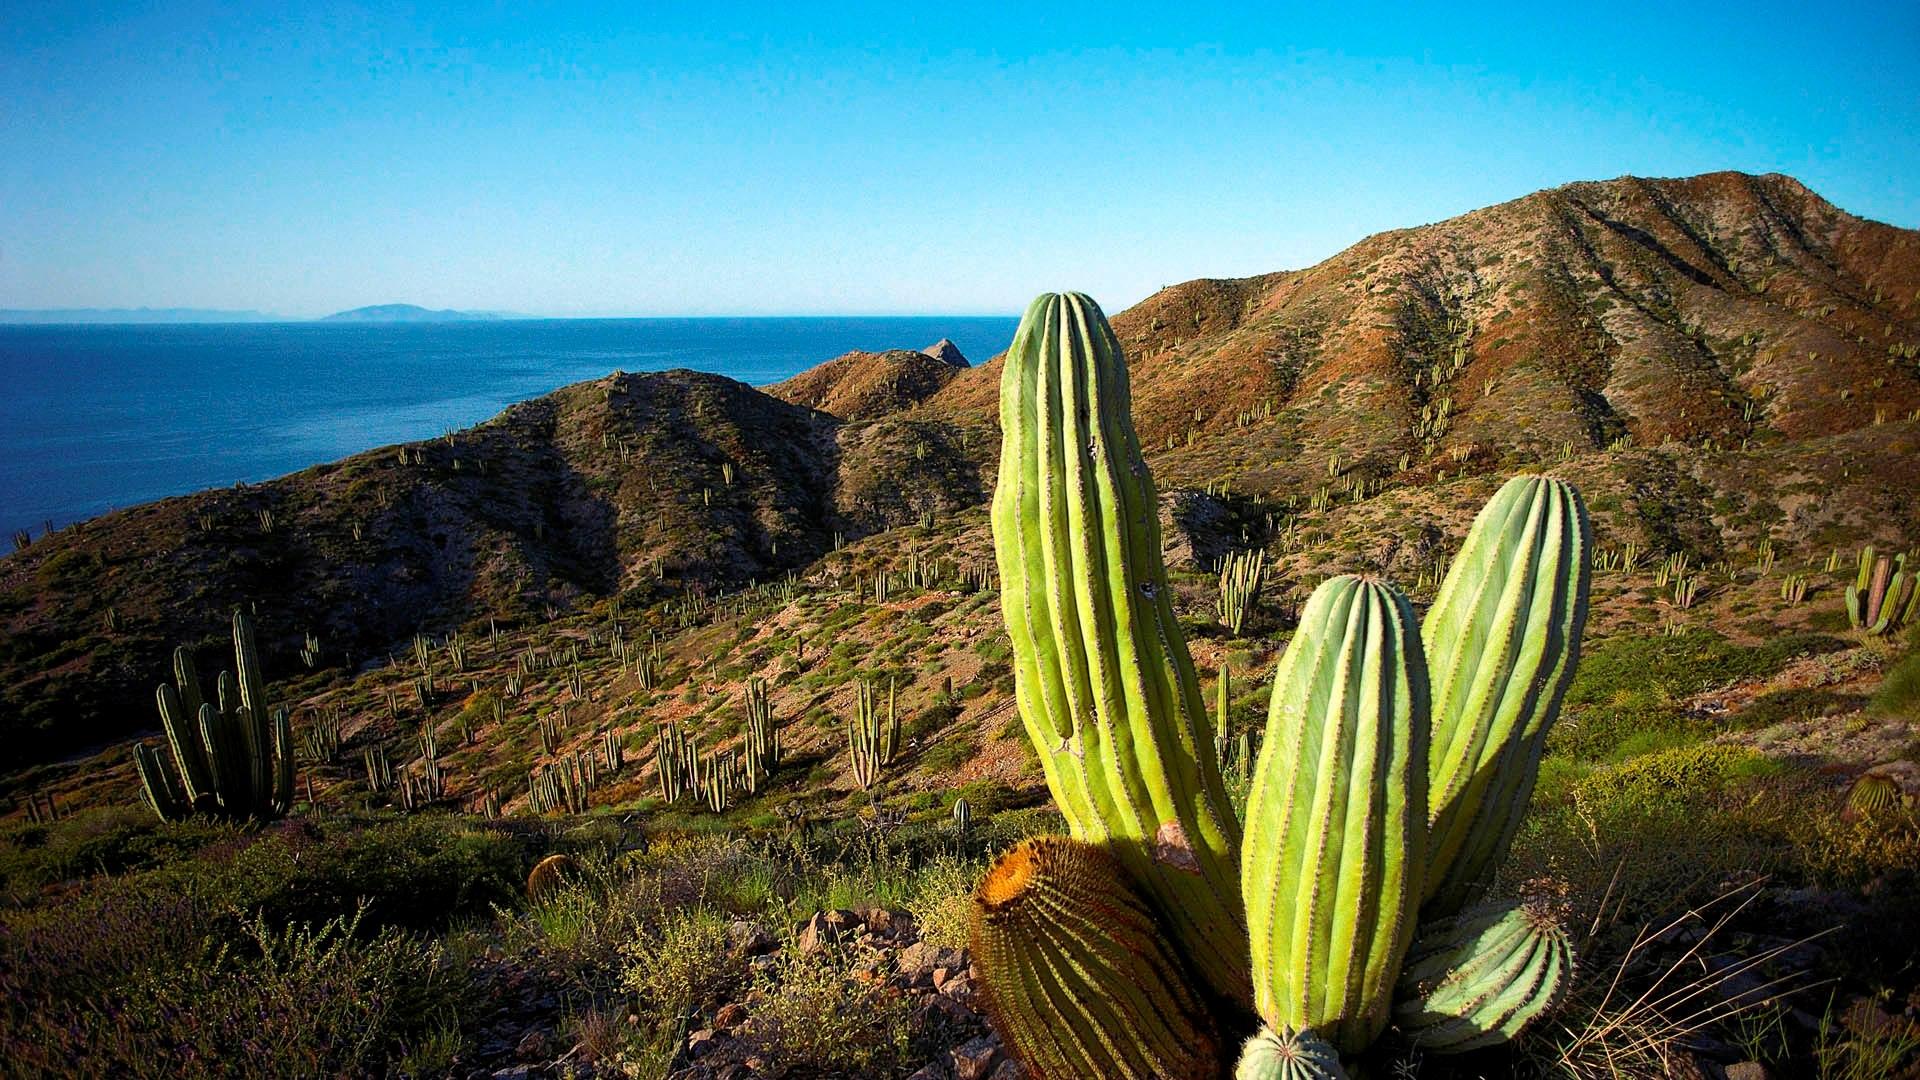 Sfondi hd natura deserto e cactus sfondi hd gratis for Immagini hd gratis